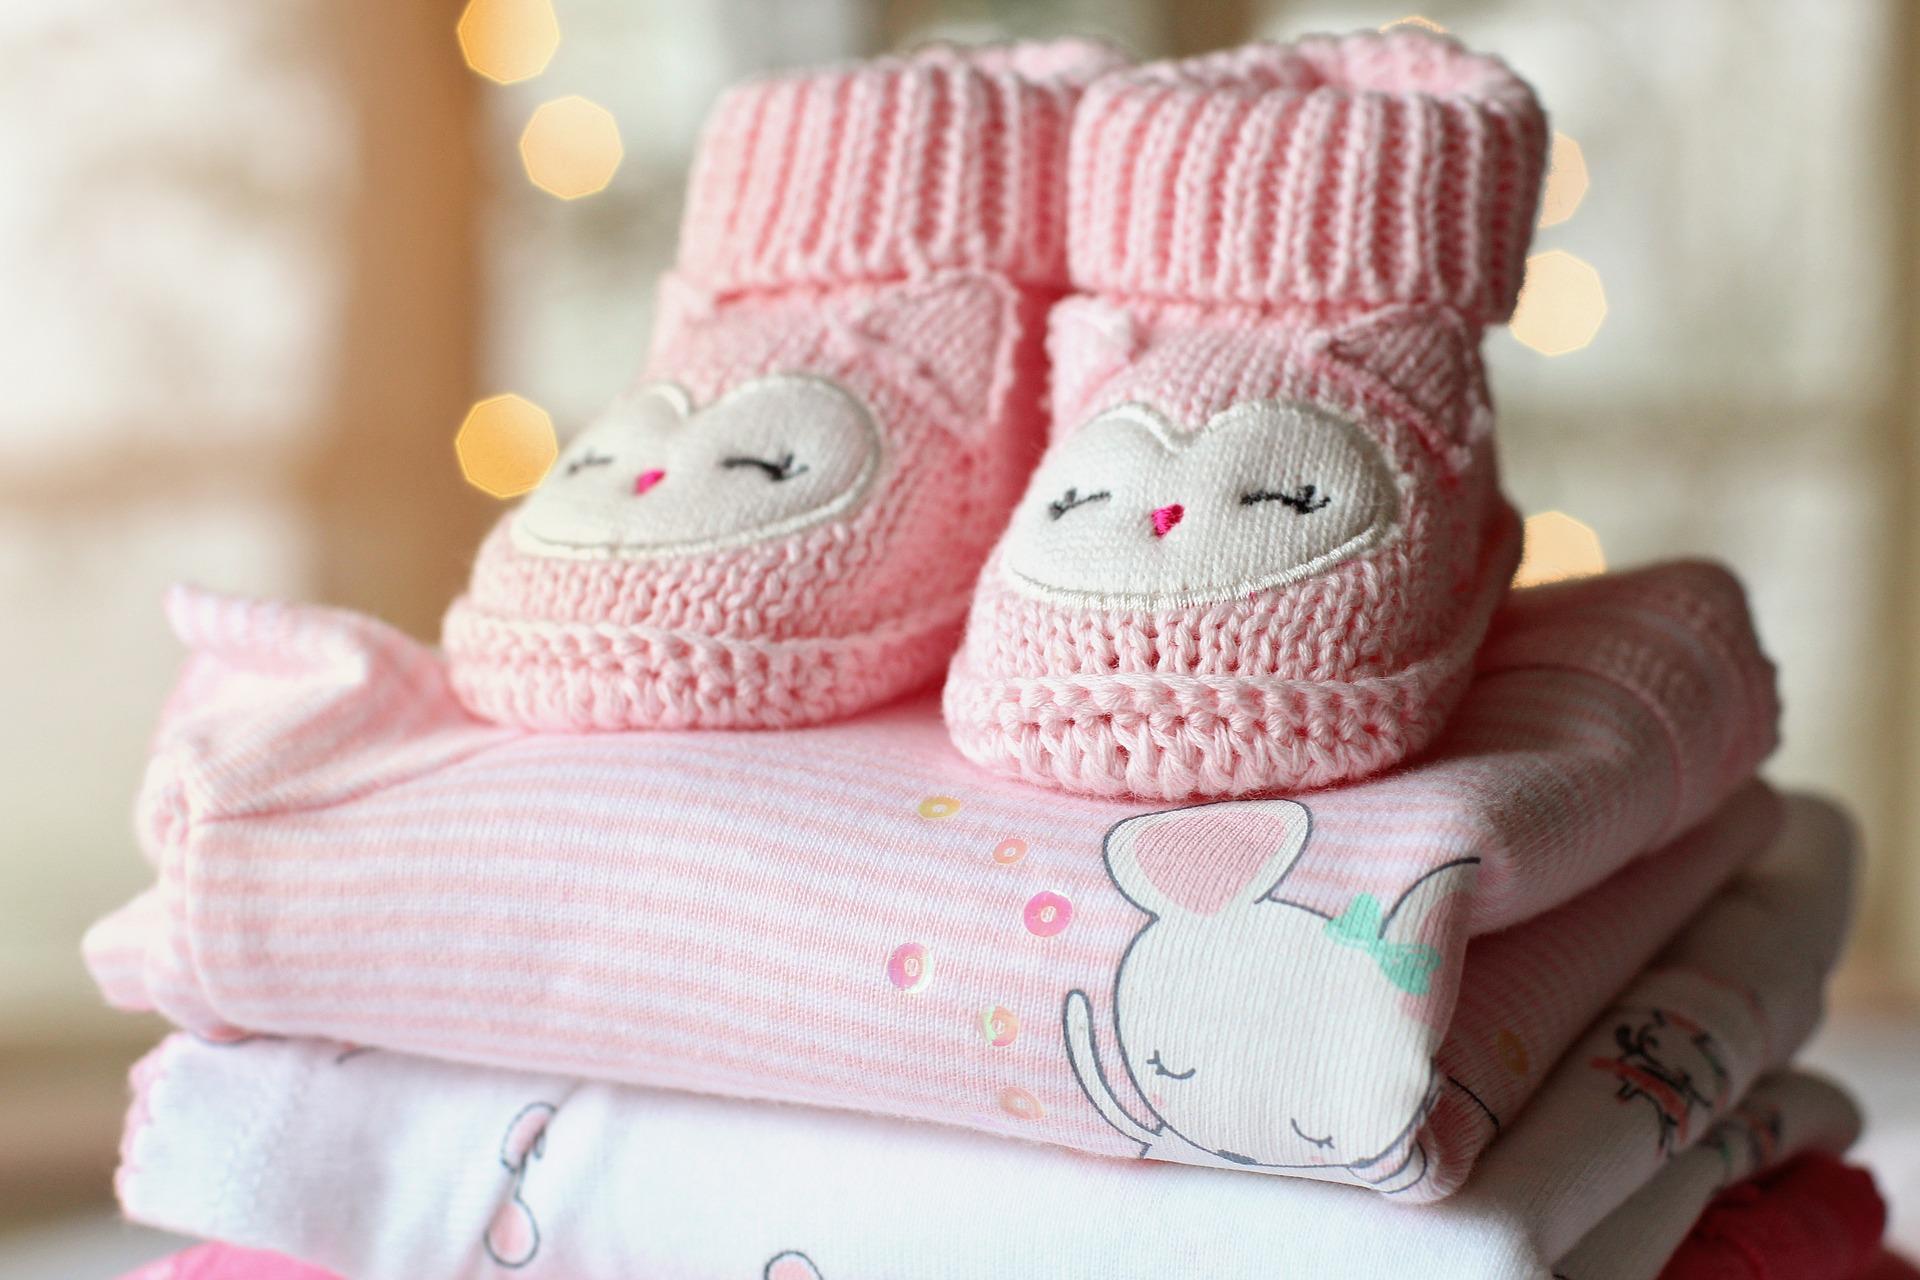 出産の退院時に必要なものは?退院後に使う新生児用品は?準備リスト付き!